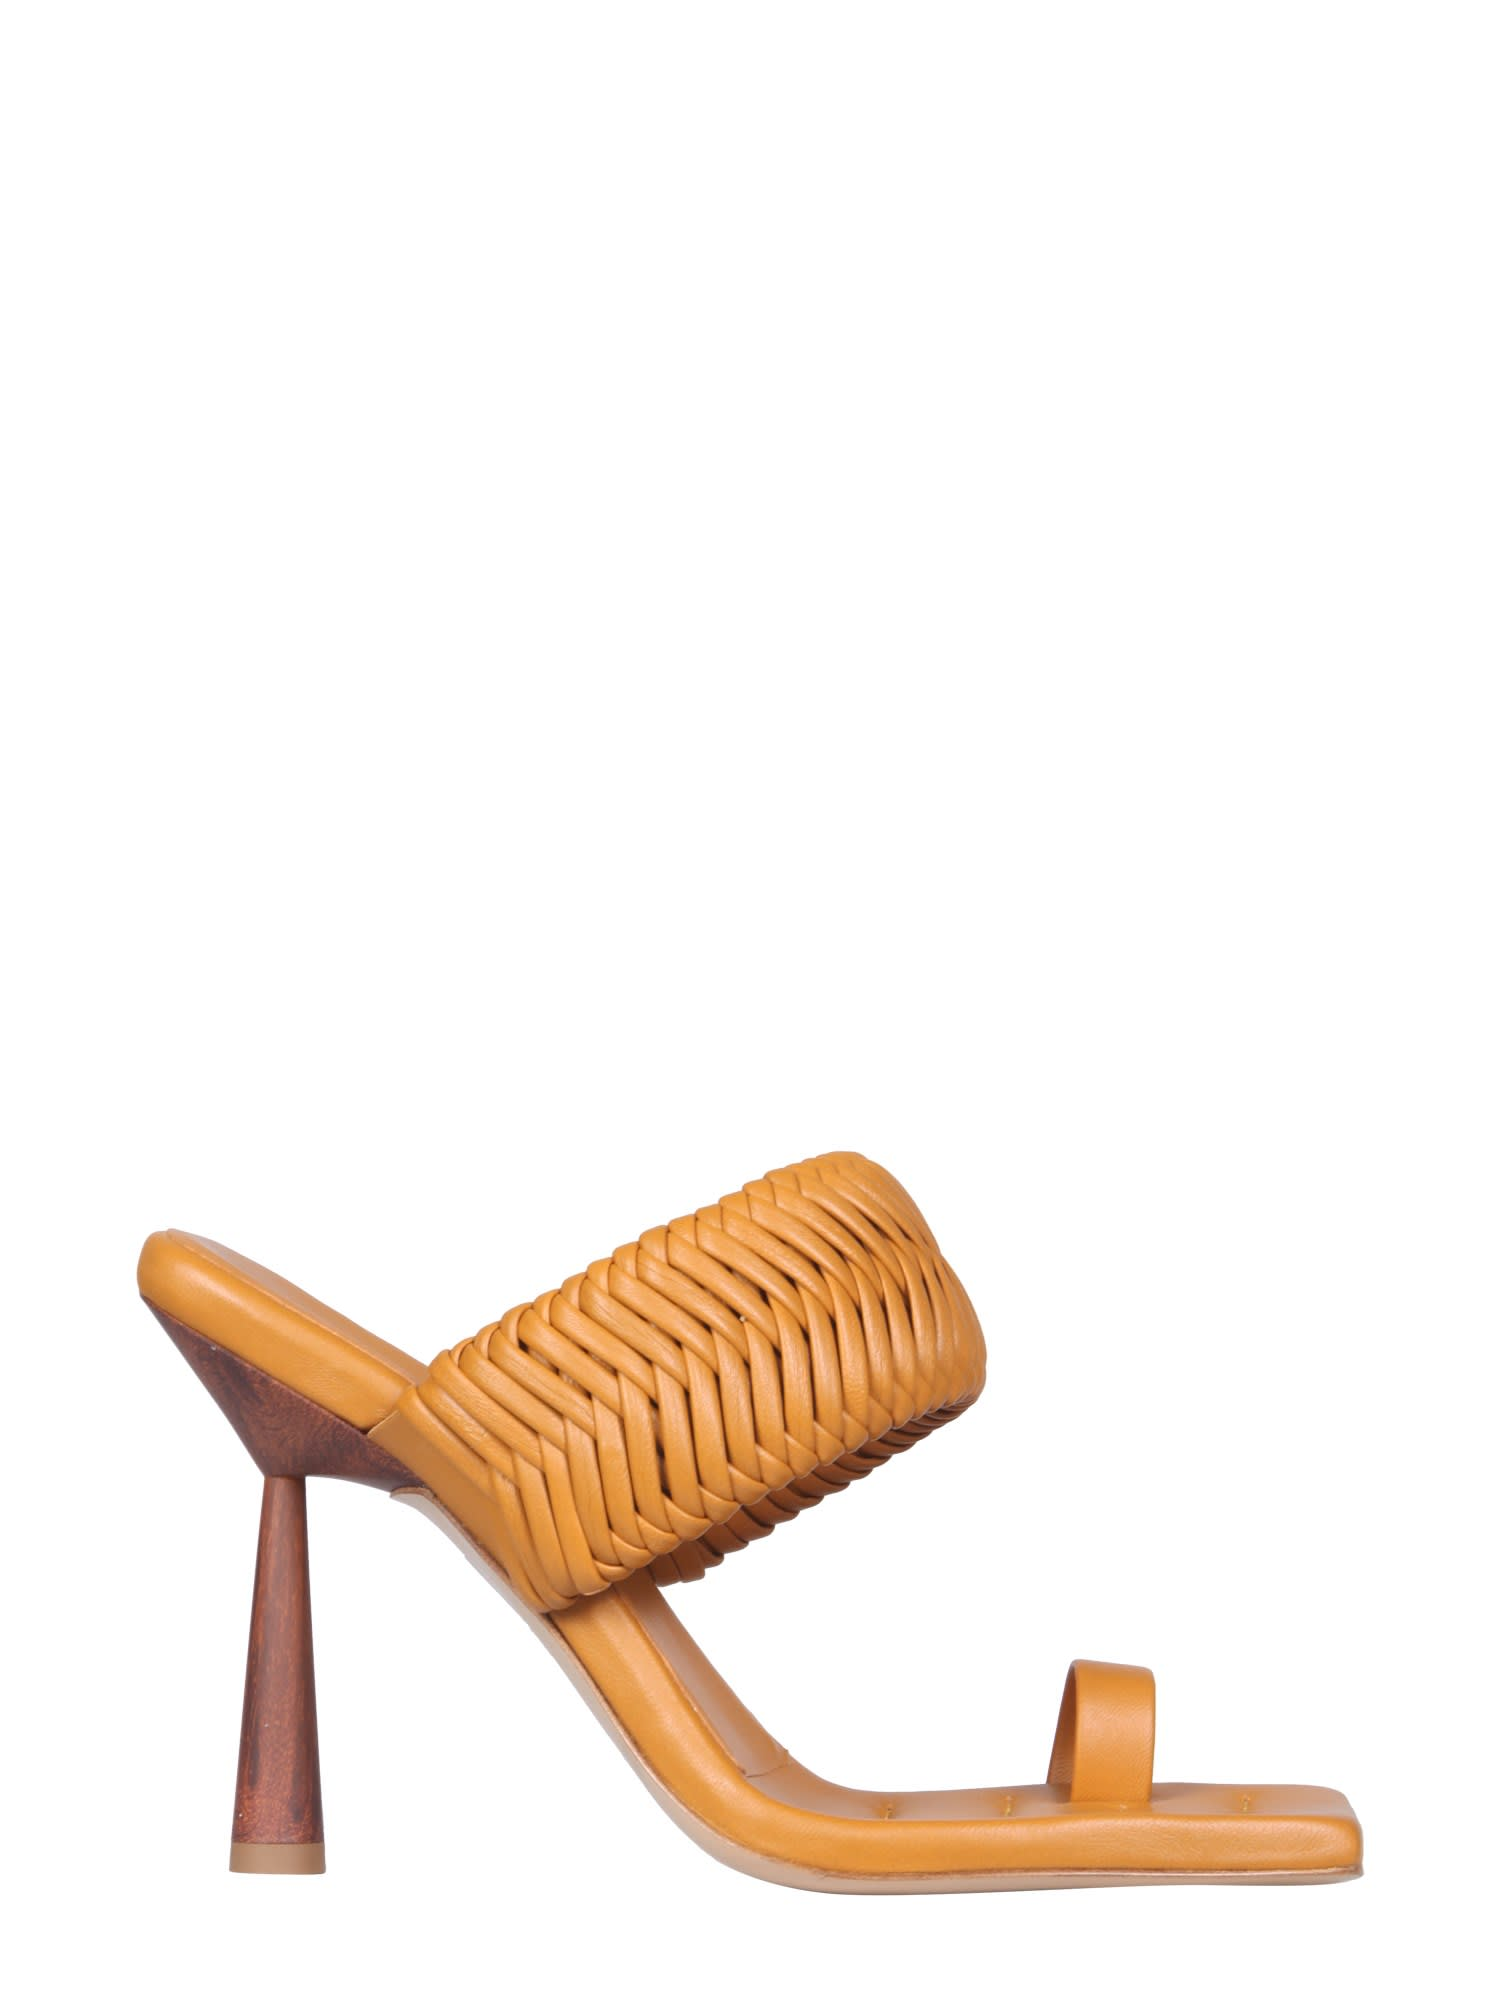 Rosie Sandals